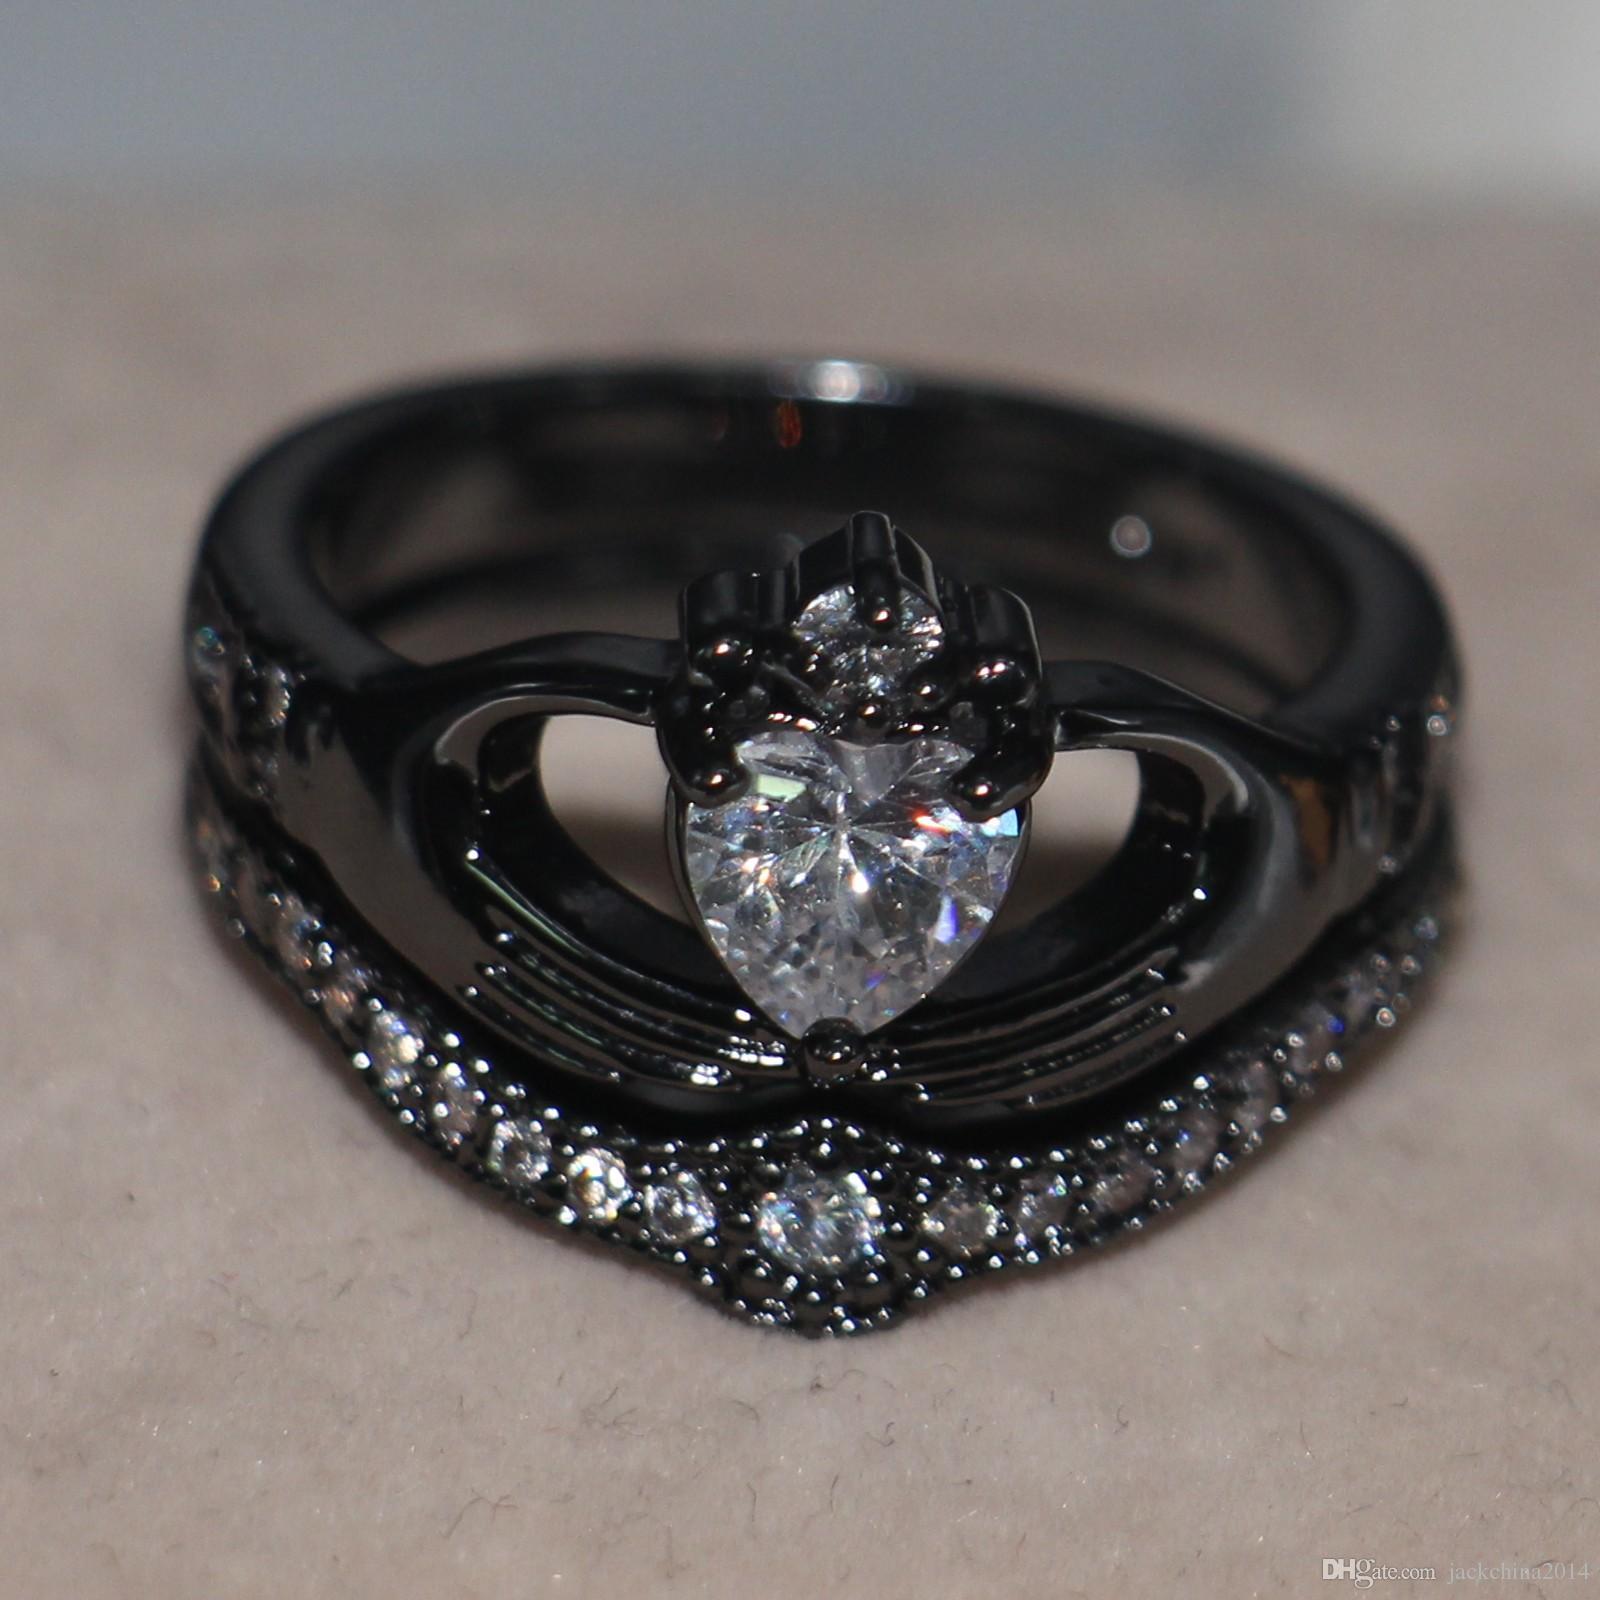 2017 recién llegado de lujo de la venta superior de la joyería única 10kt negro lleno de oro forma del corazón topacio boda de la boda nupcial Claddagh anillo de regalo conjunto SZ 5-11